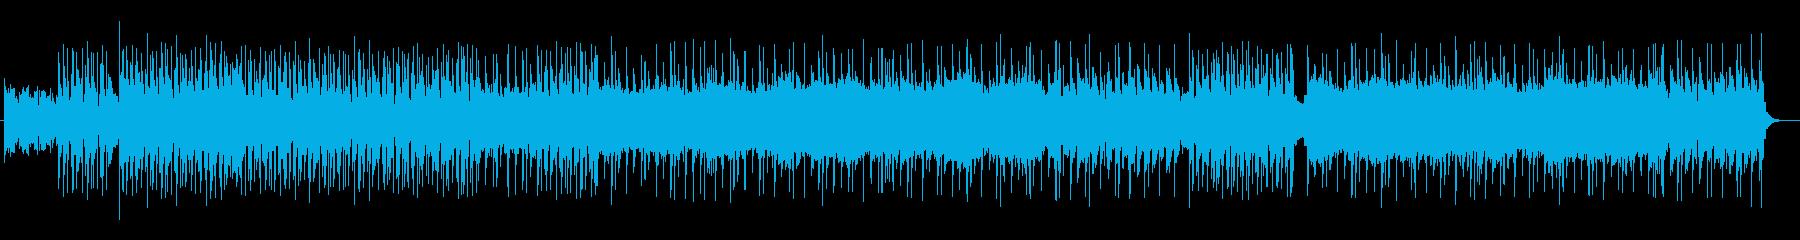 【メロ無し】重くパワフルなハードロックの再生済みの波形